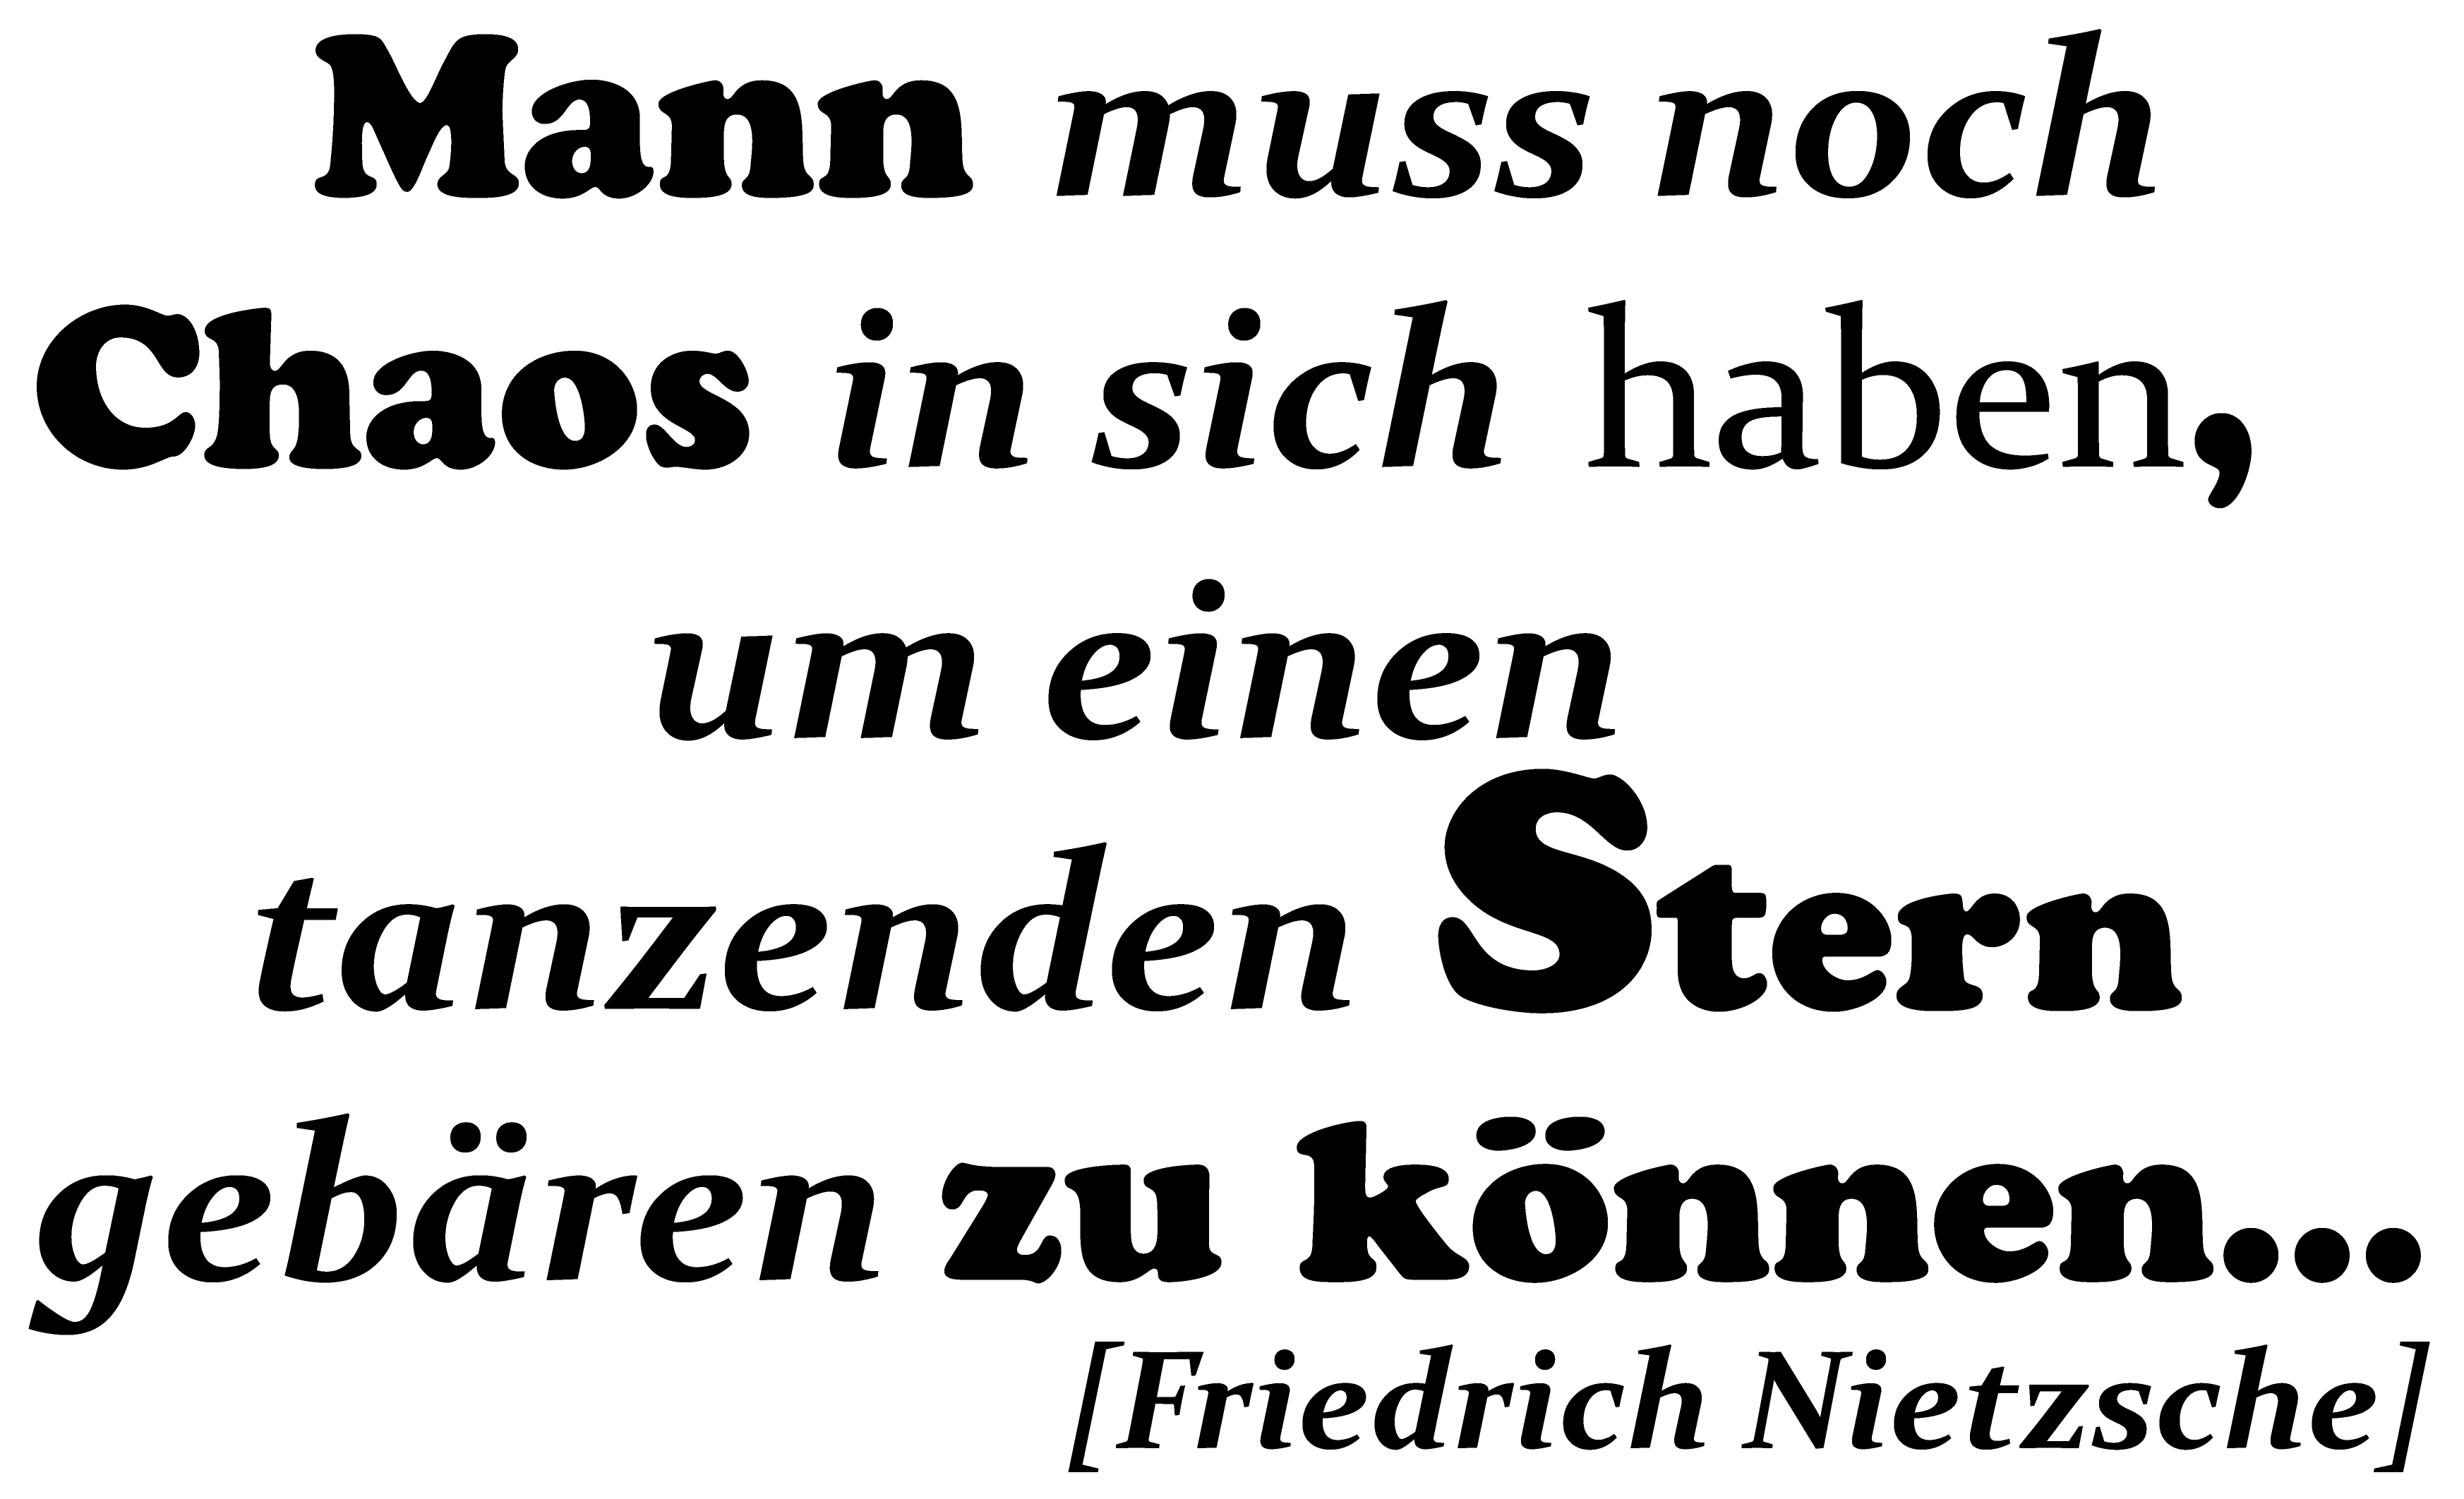 Pin Von Nathan Schilz Auf Tattoos Spruche Zitate Zitate Spruche